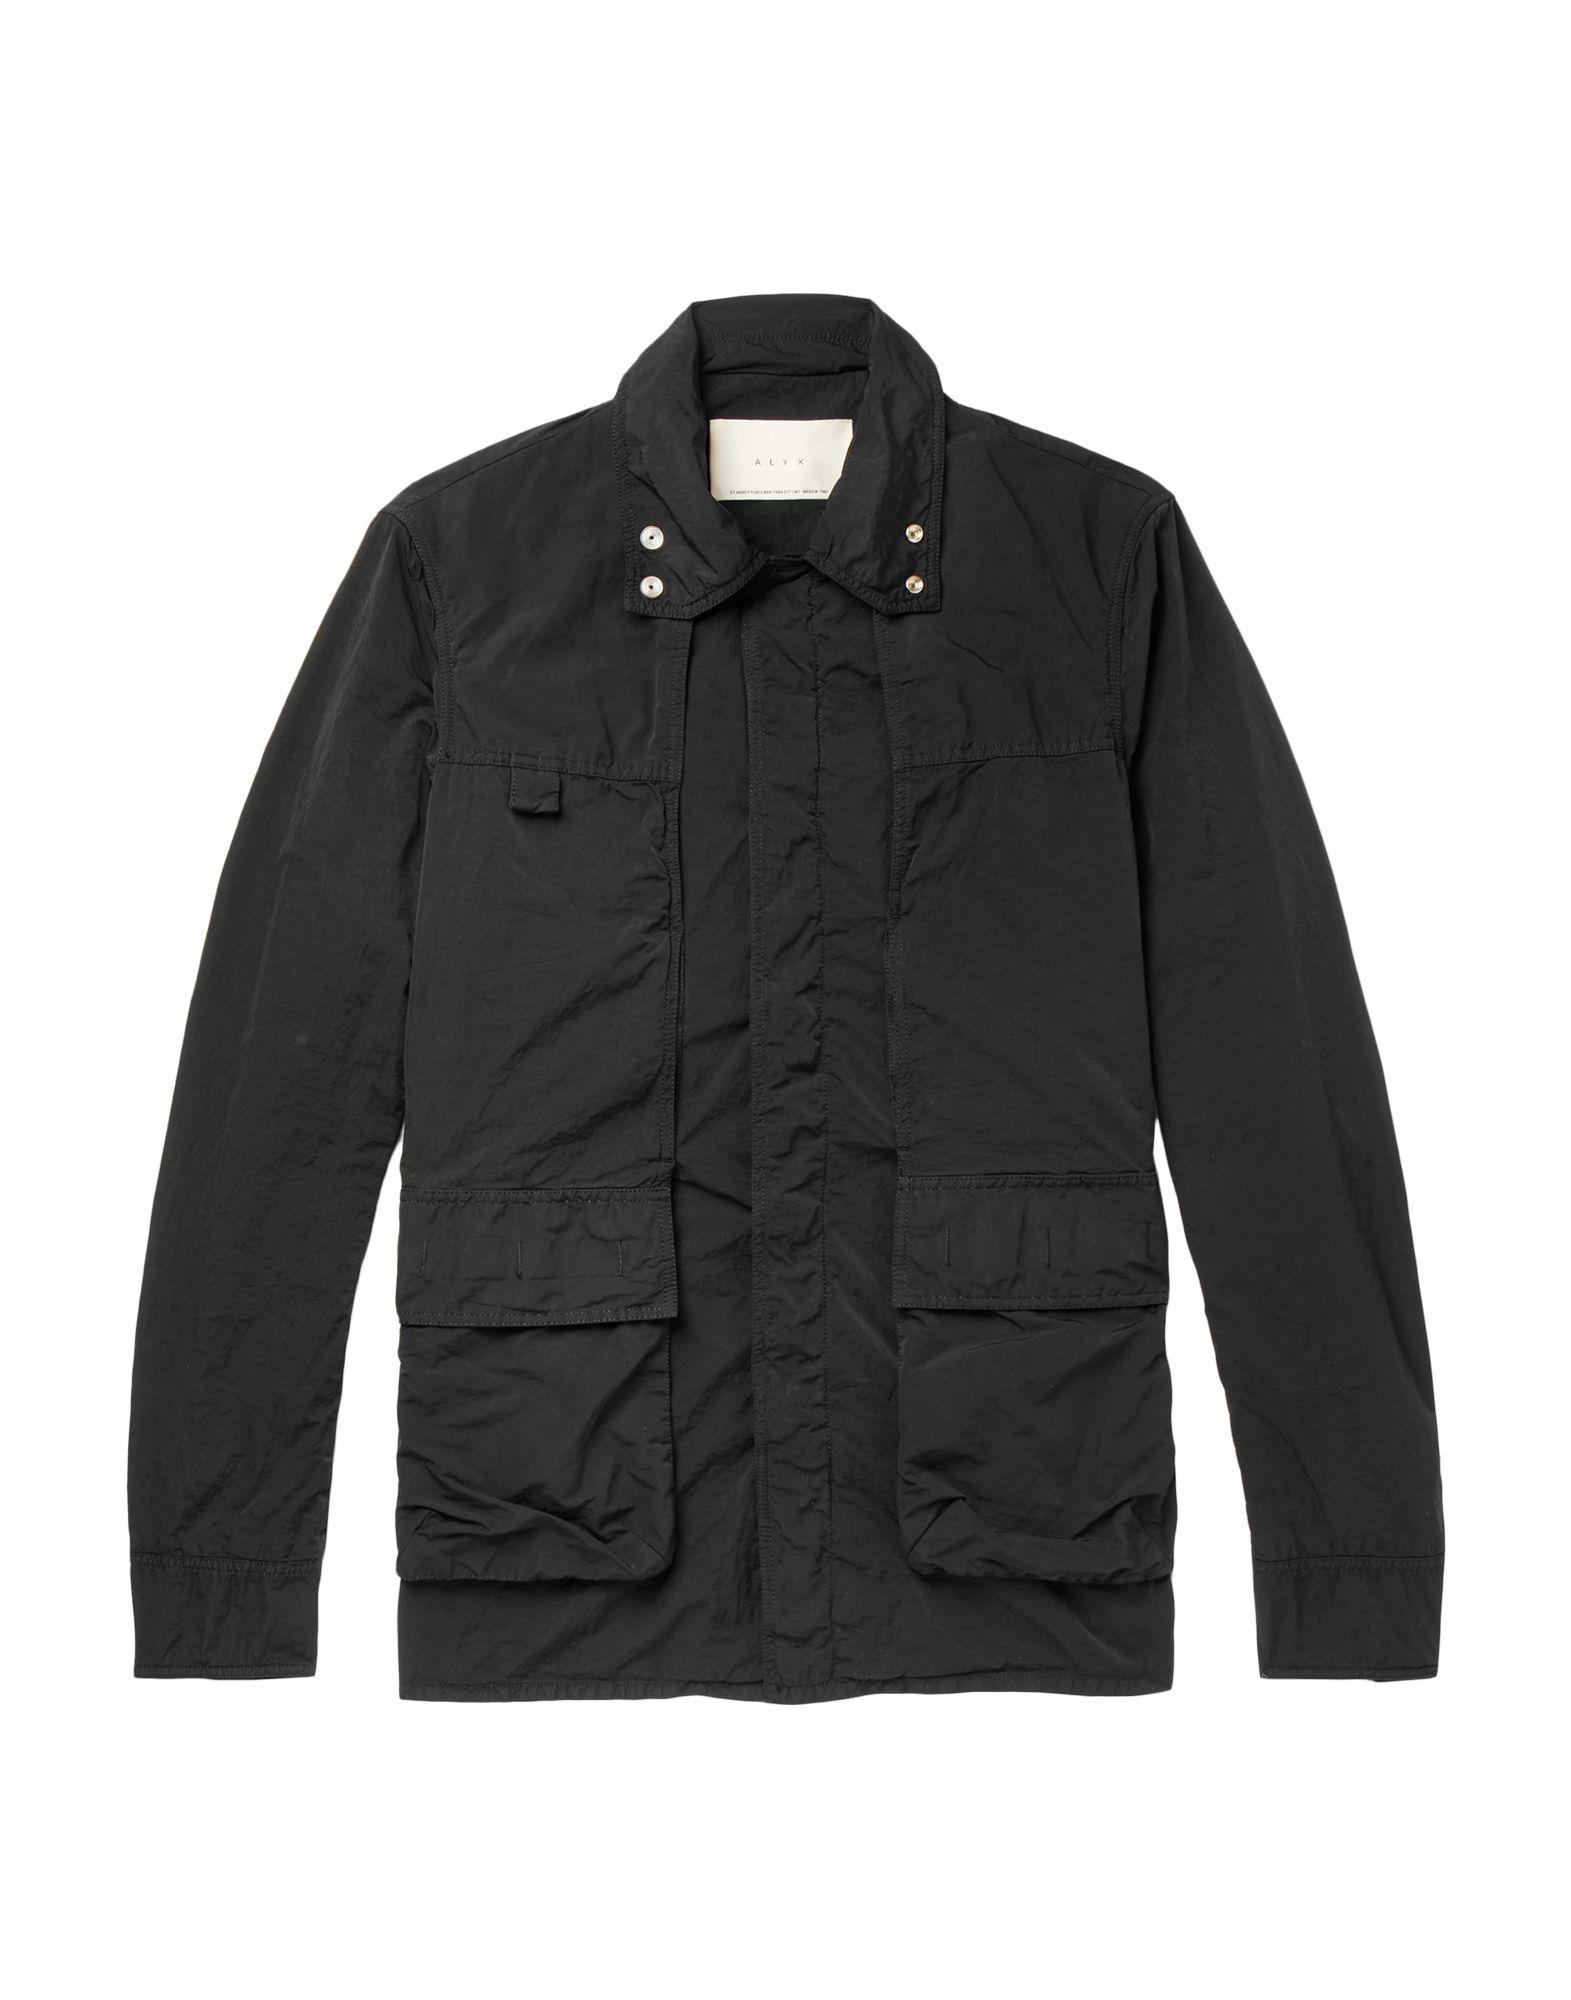 1017 ALYX 9SM Куртка 1017 alyx 9sm низкие кеды и кроссовки